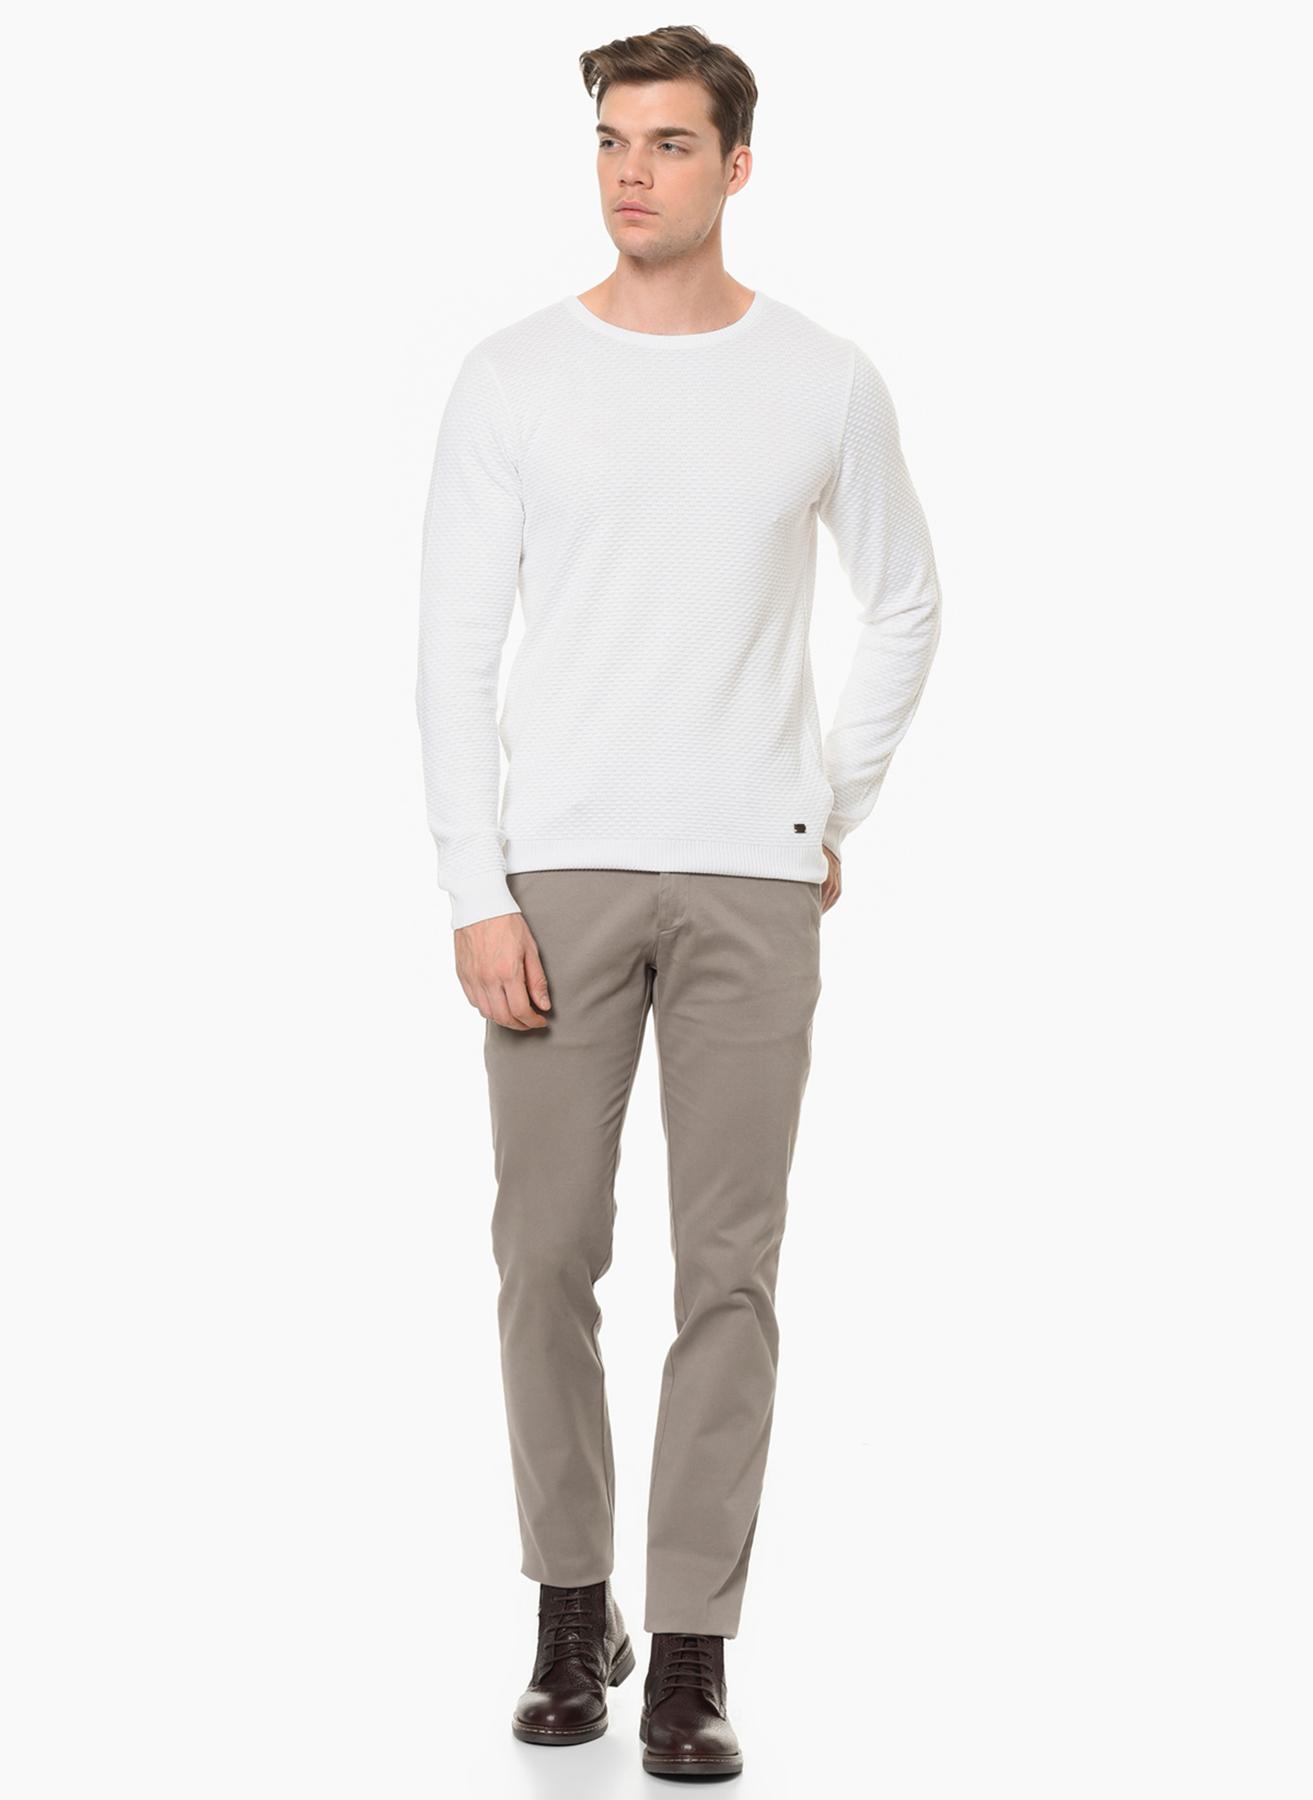 George Hogg Casual Bej Klasik Pantolon 56 5001699471006 Ürün Resmi